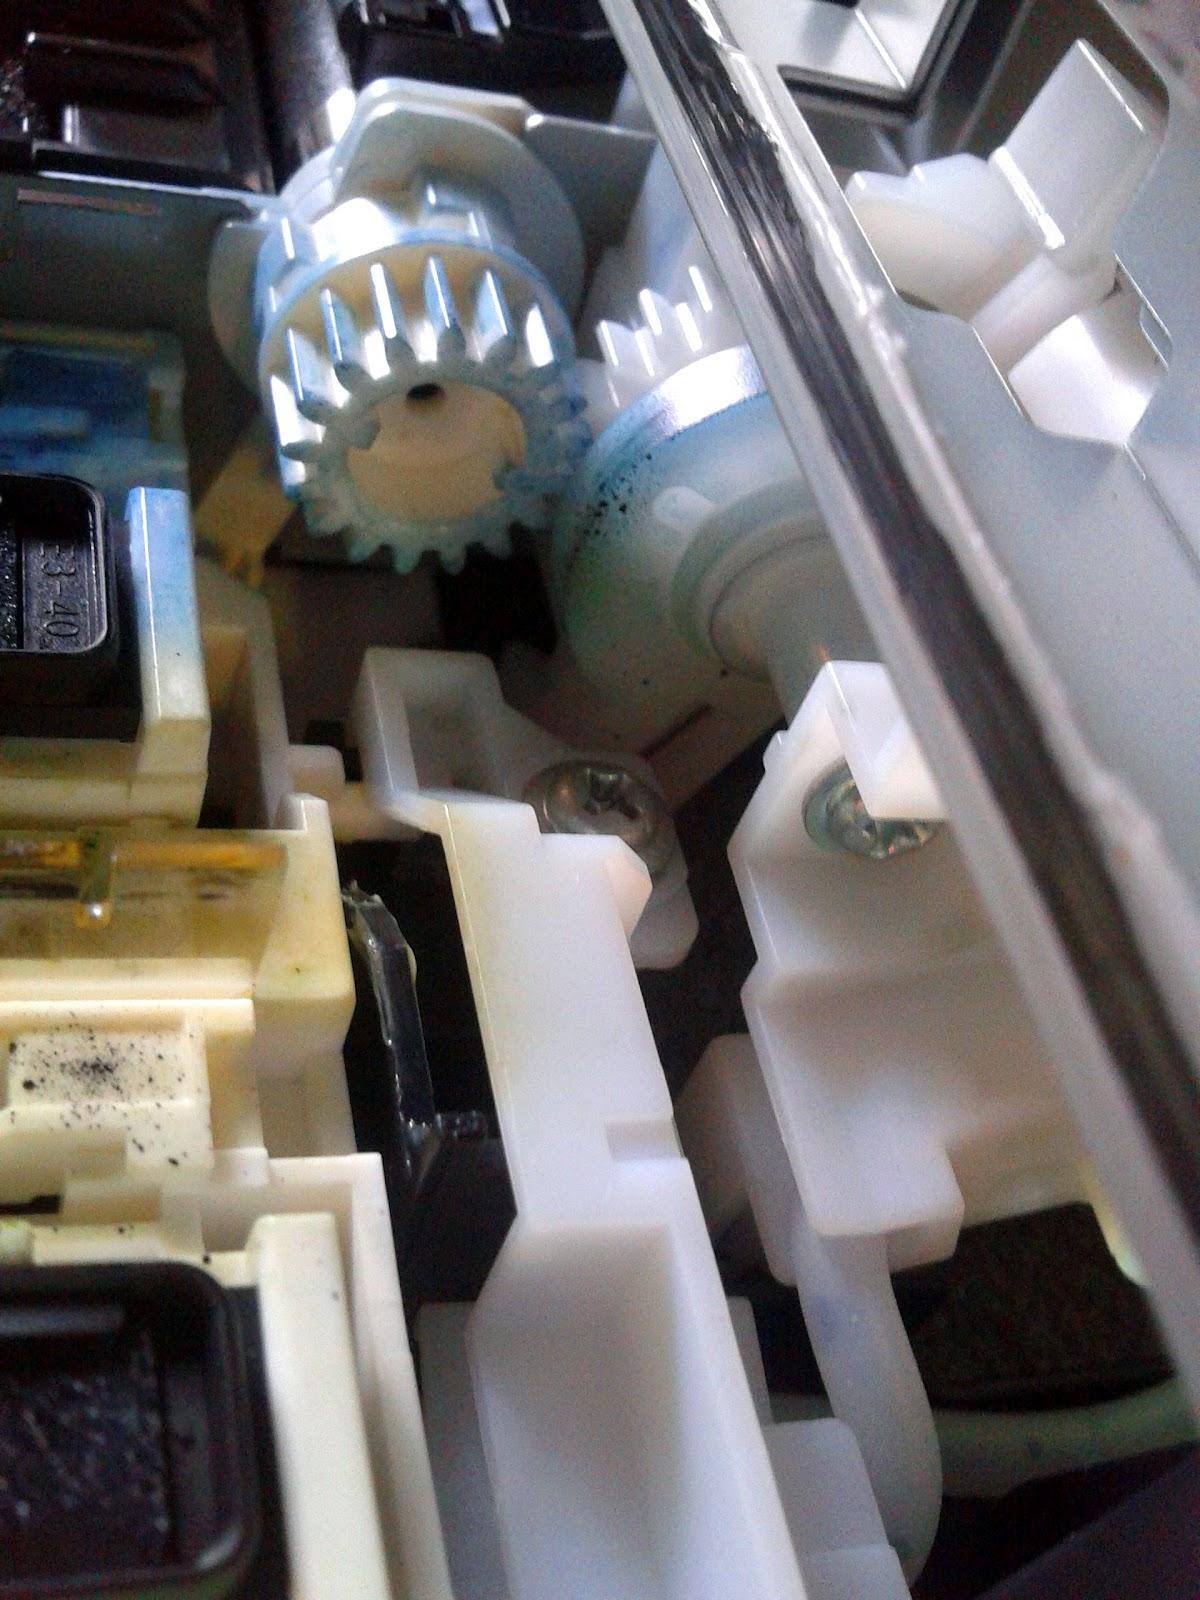 Pasang Infus Selang Pembuangan Printer Canon Mp 287 Gawianku Main Board Motherboard Tinta Warna Cmy Mp287 Posisi Berada Dibagian Dalam Bawah Mainboard